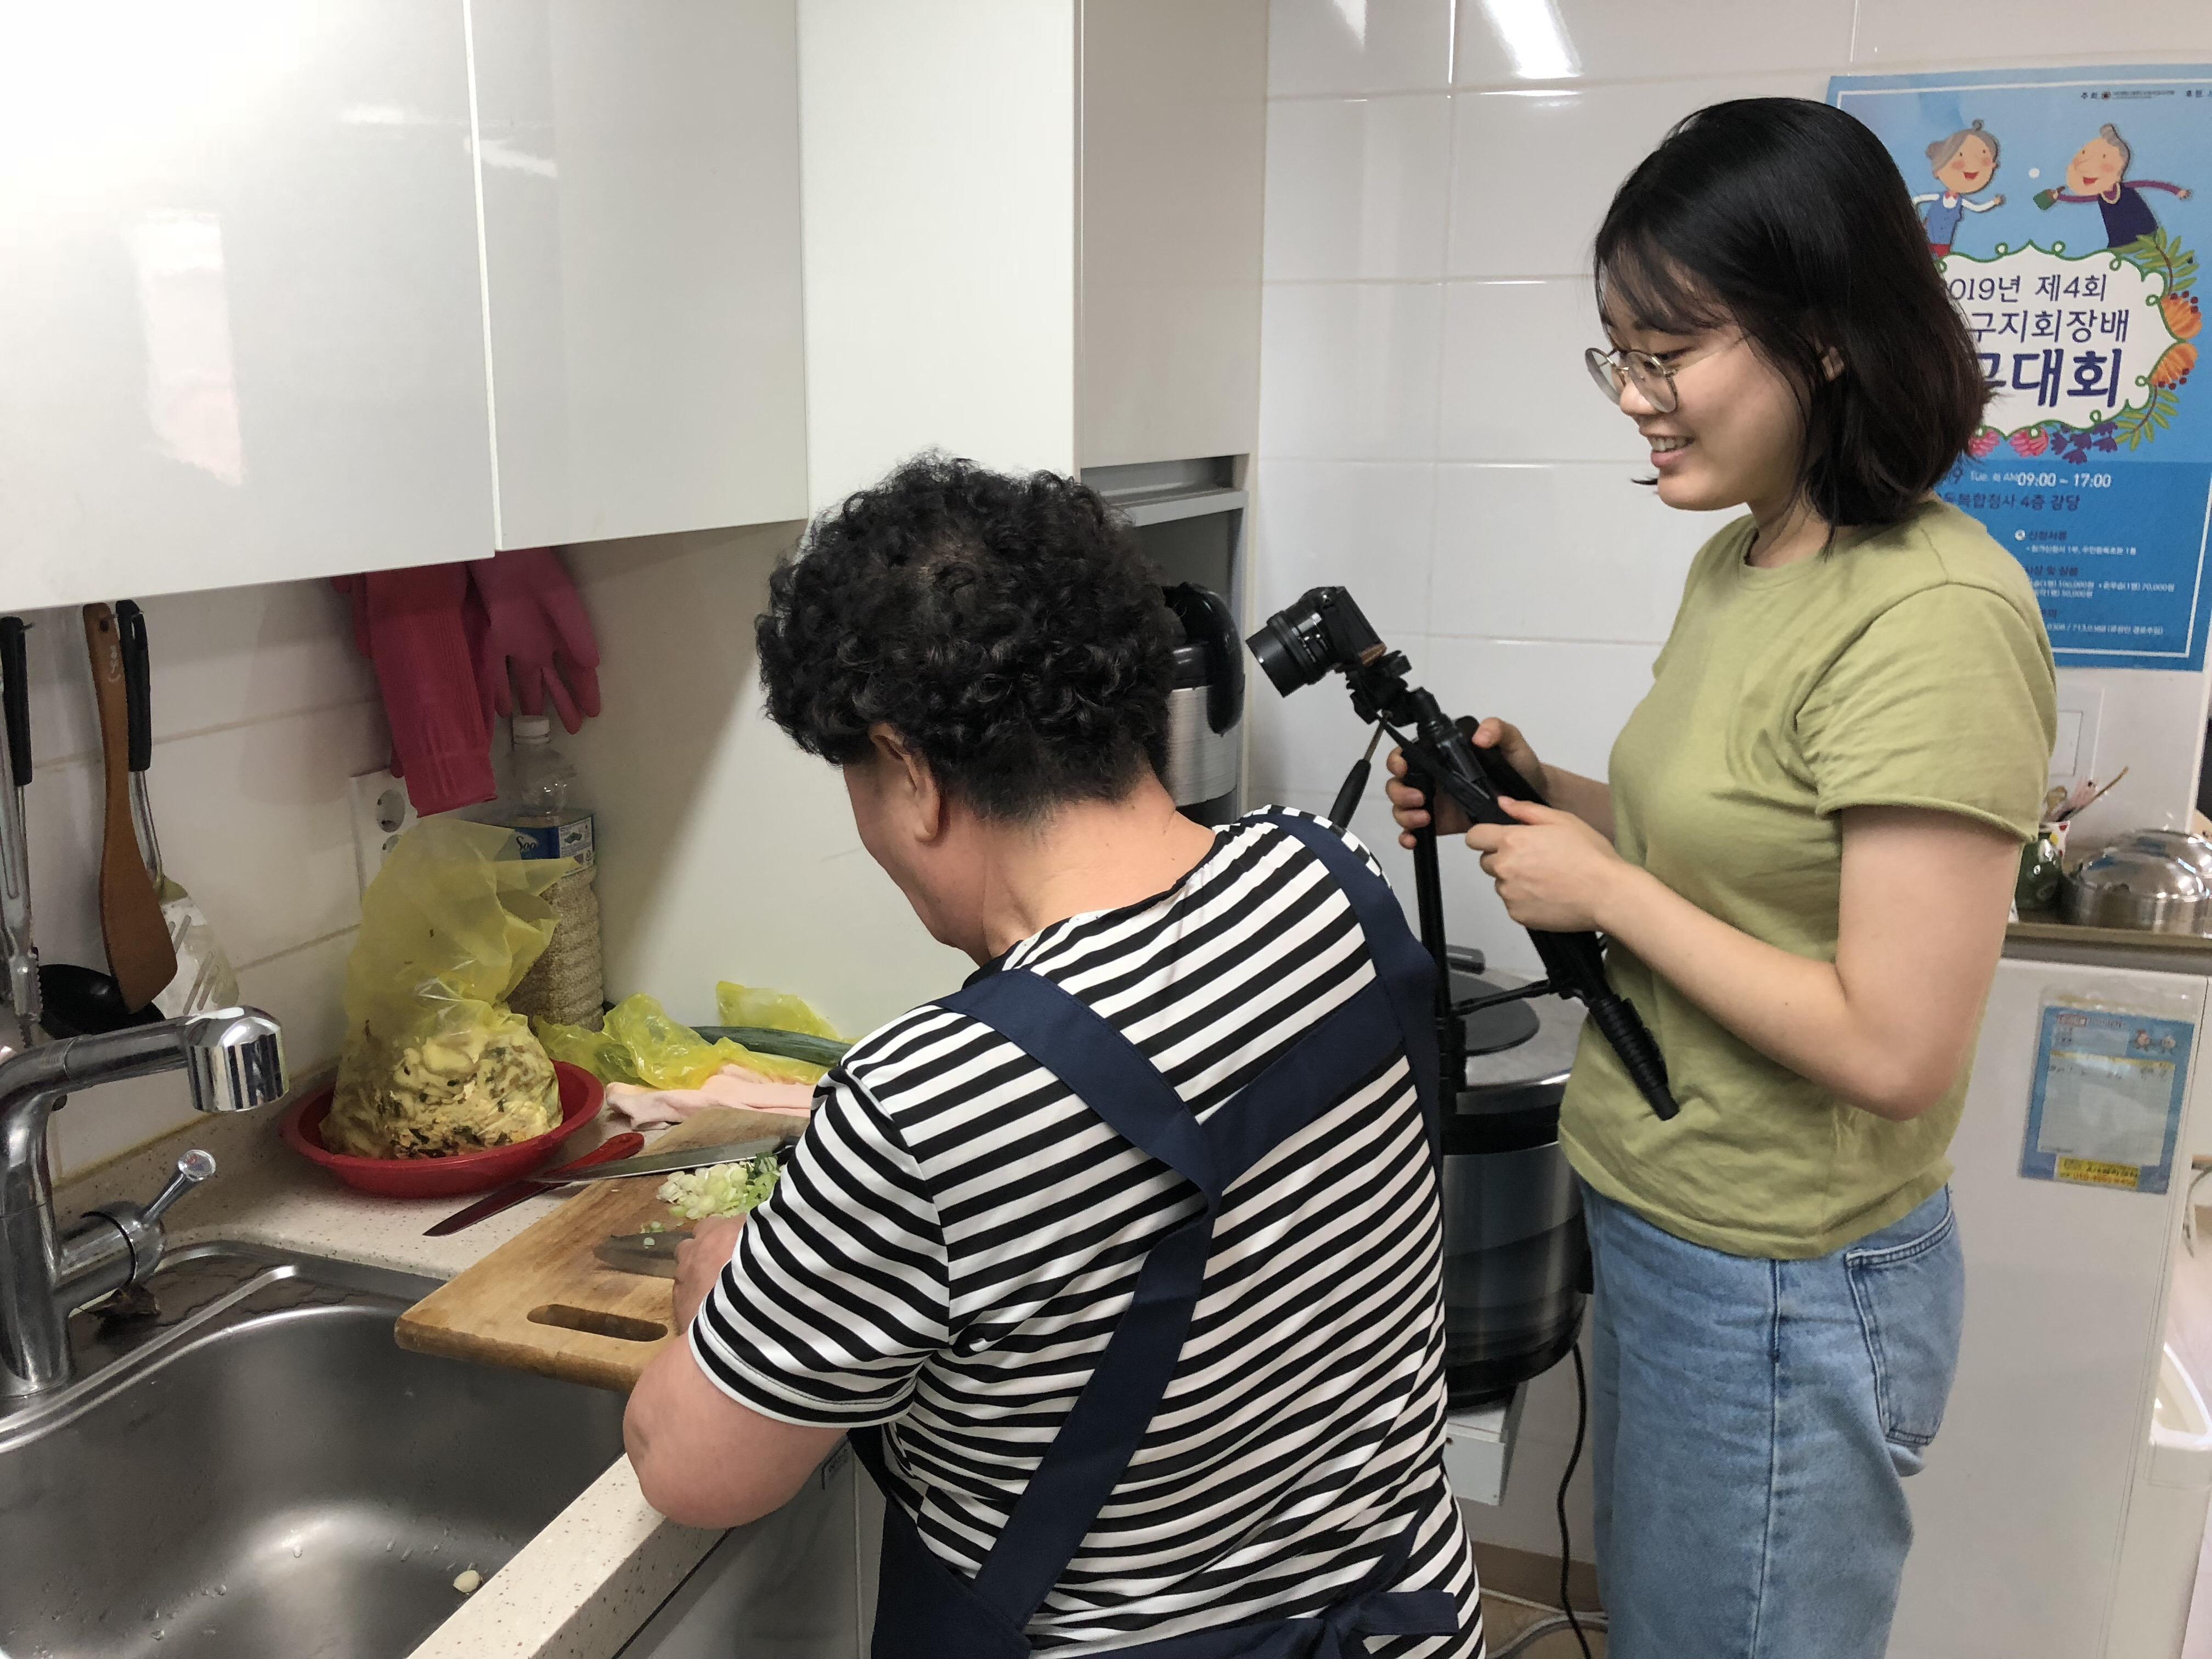 [재가지원] 재가어르신 요리 콘텐츠 제작 프로그램 '내가 바로 쿡(COOK)크리에이터!' 5차 활동